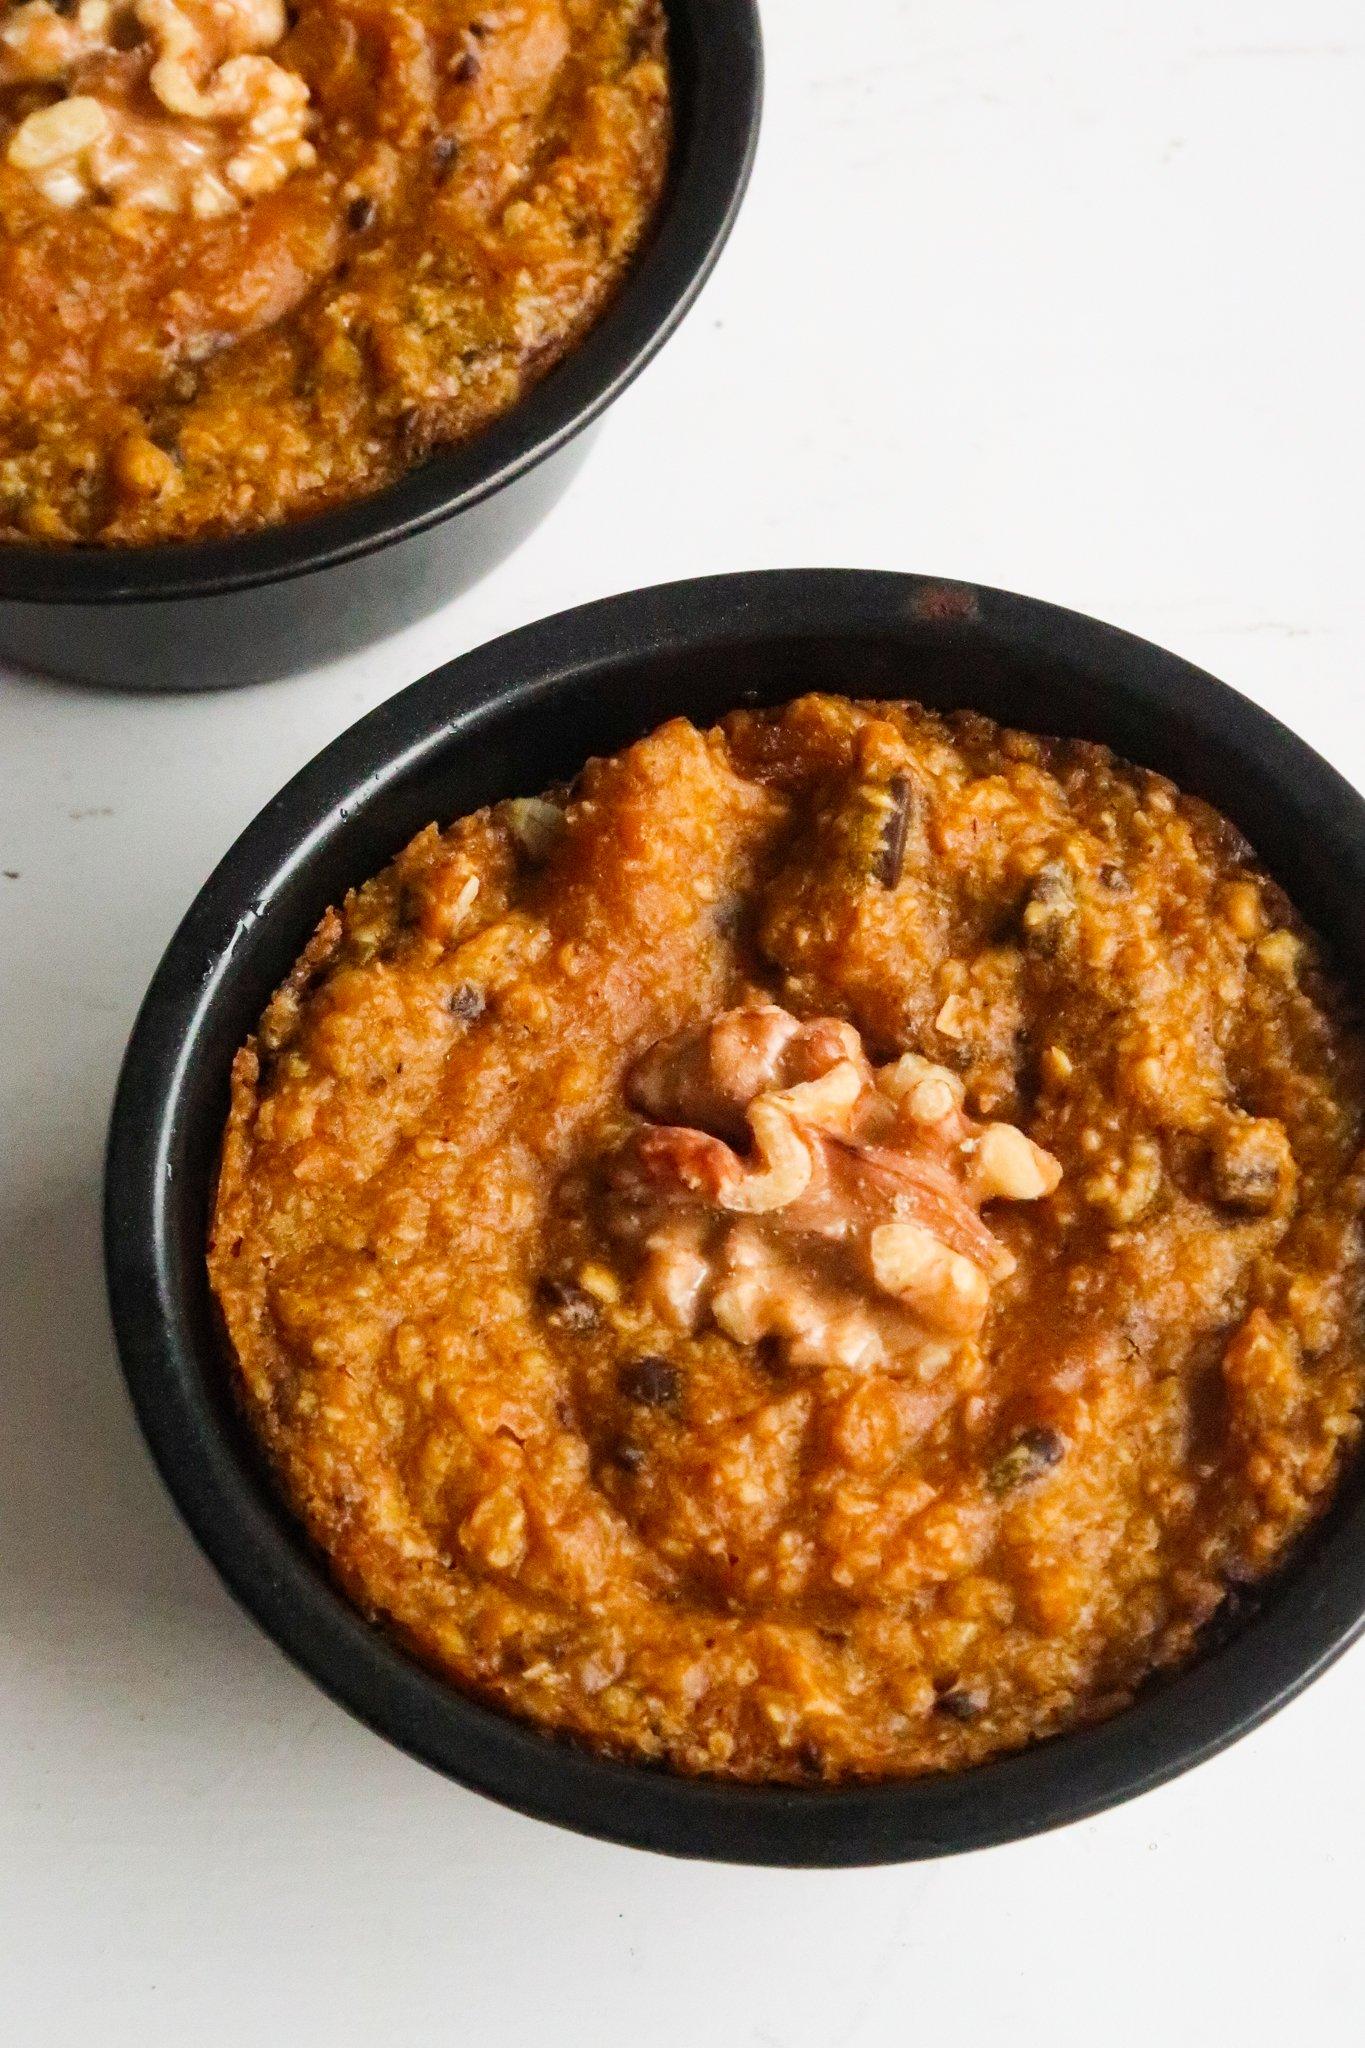 easy pumpkin baked oats - healthy pumpkin dessert